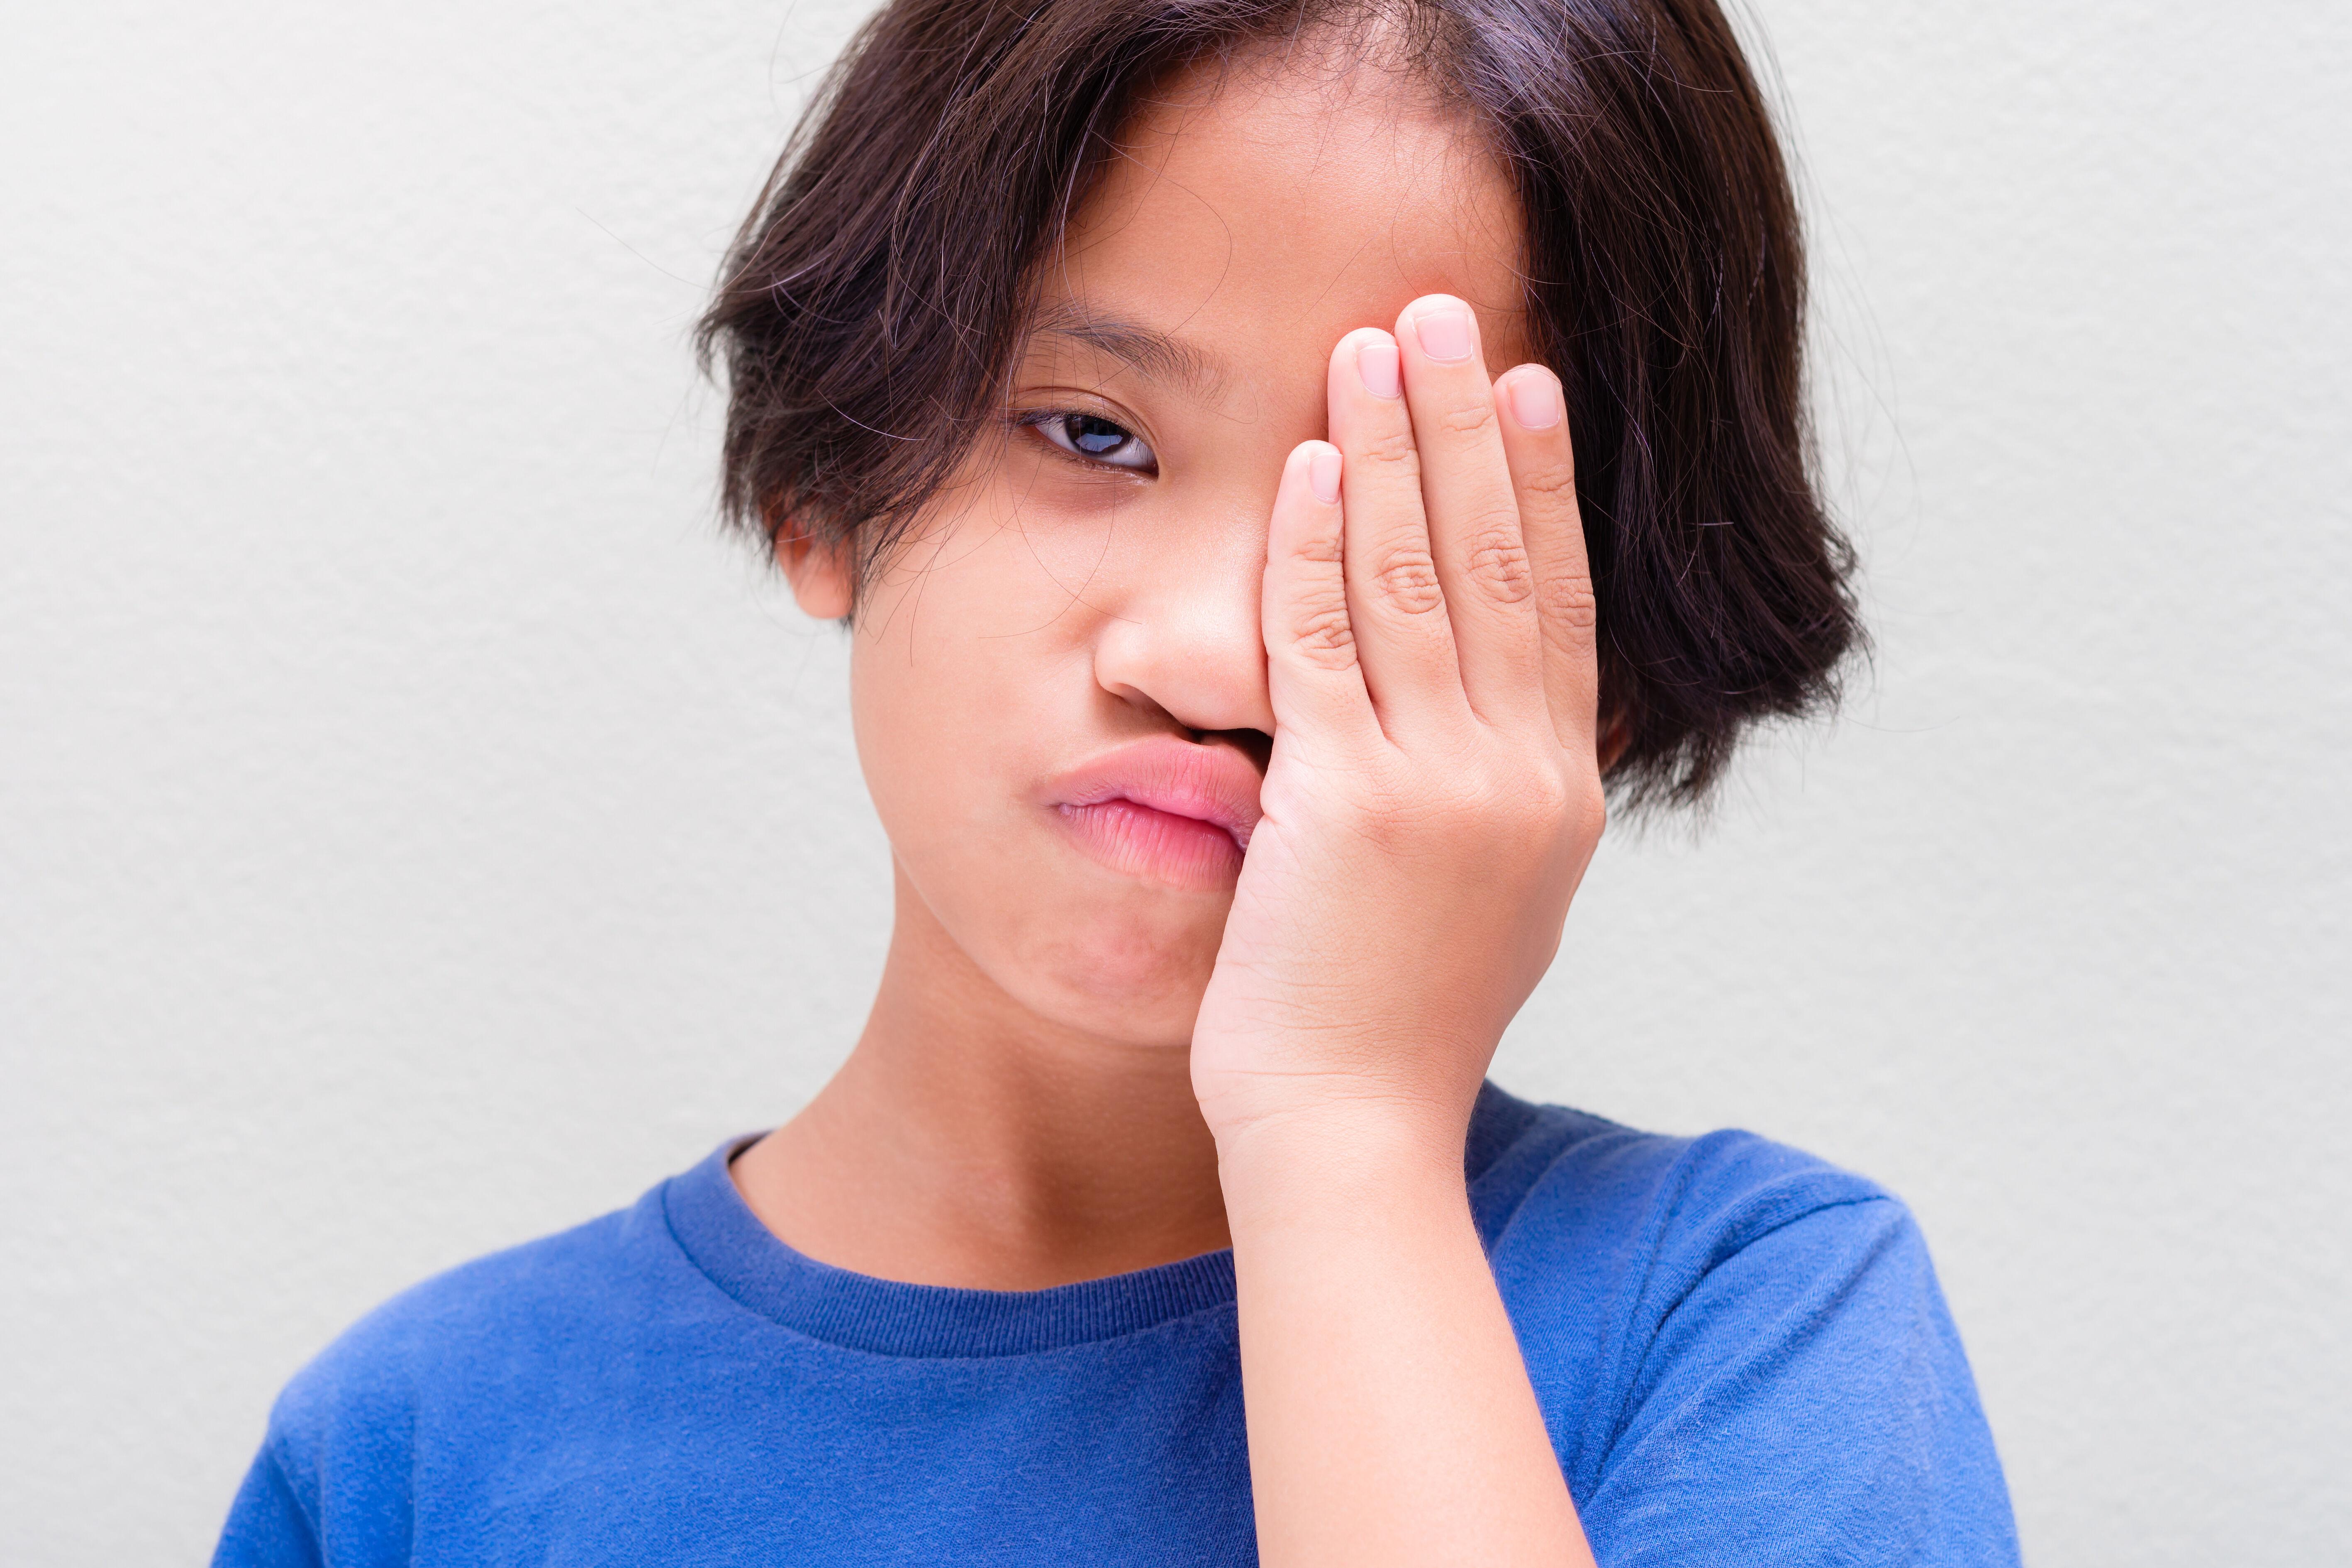 Conjunctivitis in children